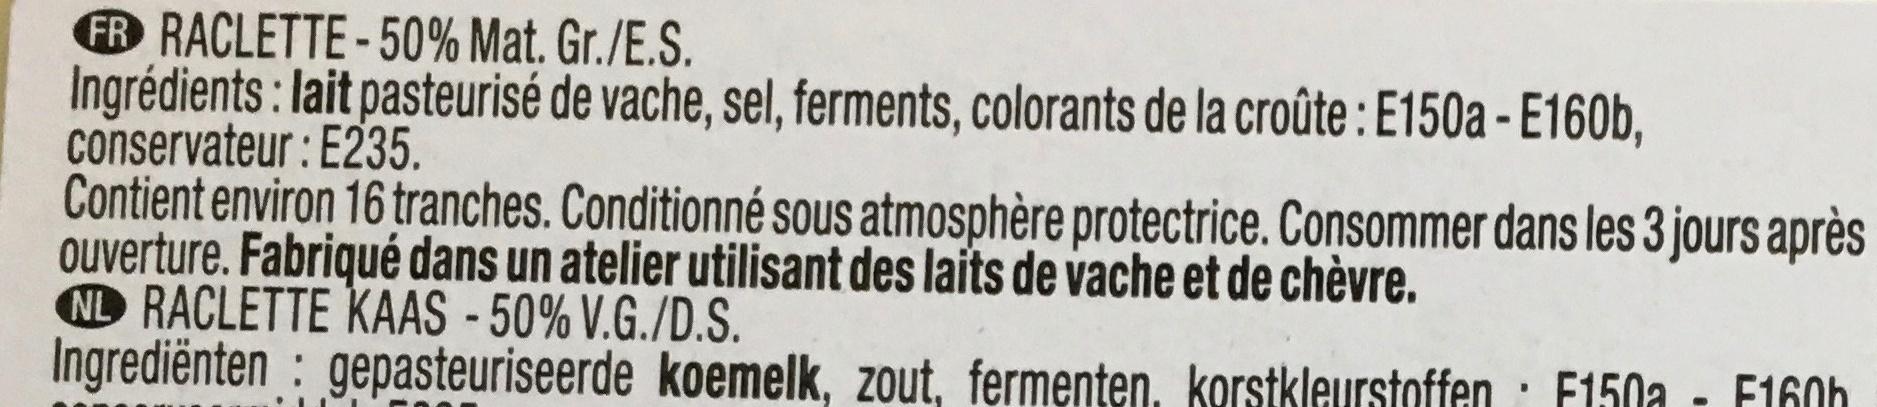 Raclette de caractère (29% MG) - Ingrédients - fr